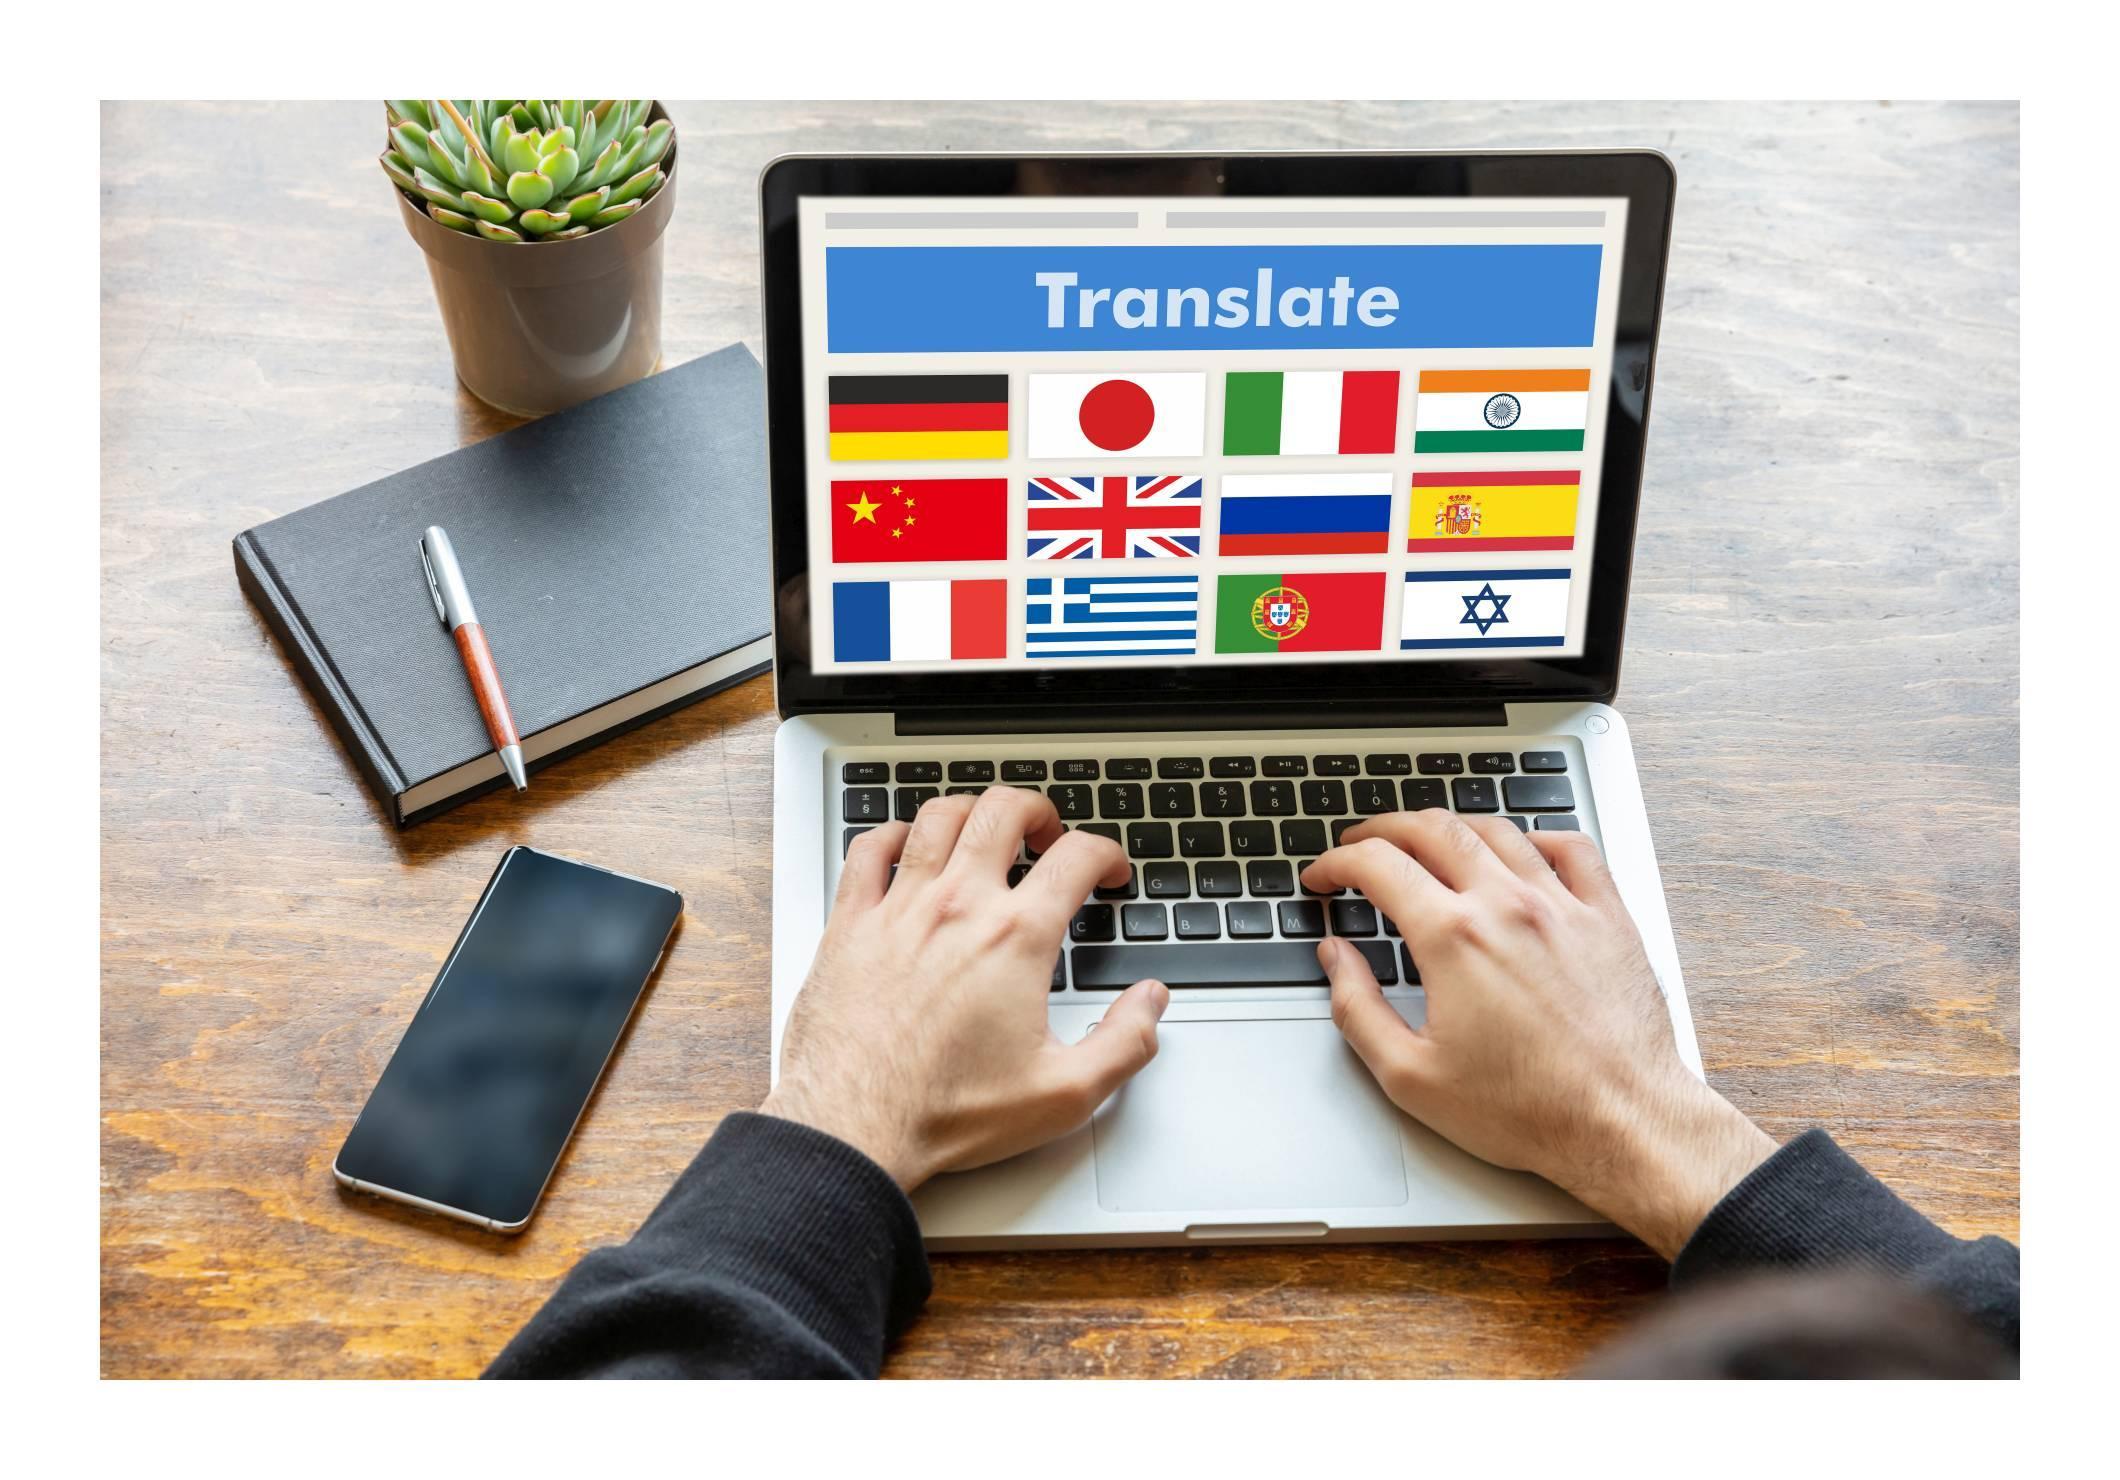 Vsestransko prevajanje različnih vrst besedil